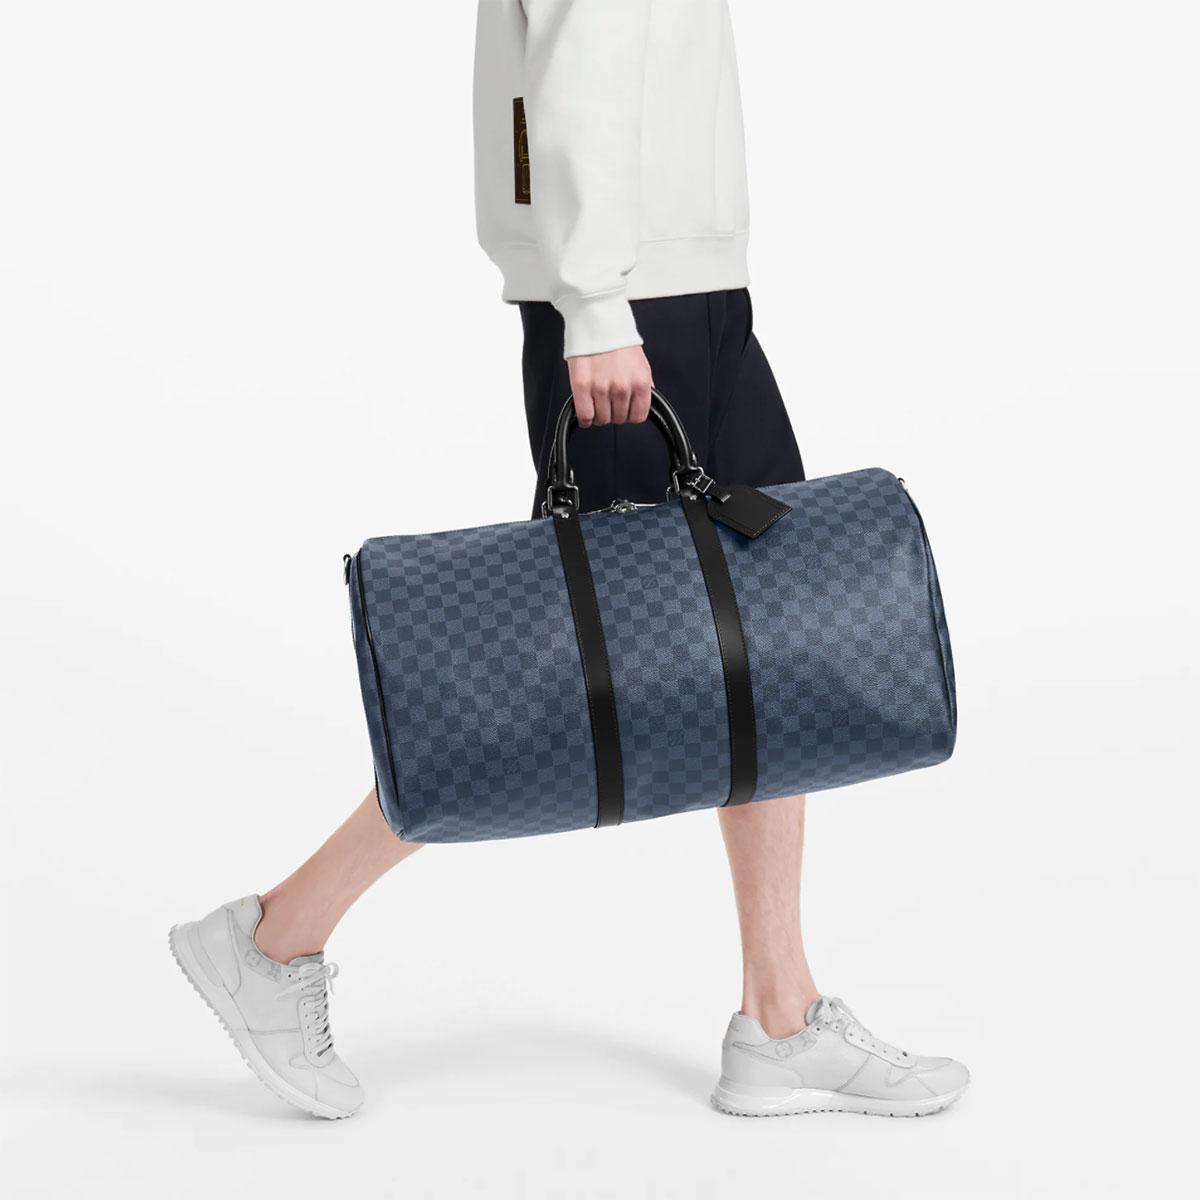 Băn khoăn có nên mua túi Louis Vuitton Keepall? Hãy đọc bài review này 8